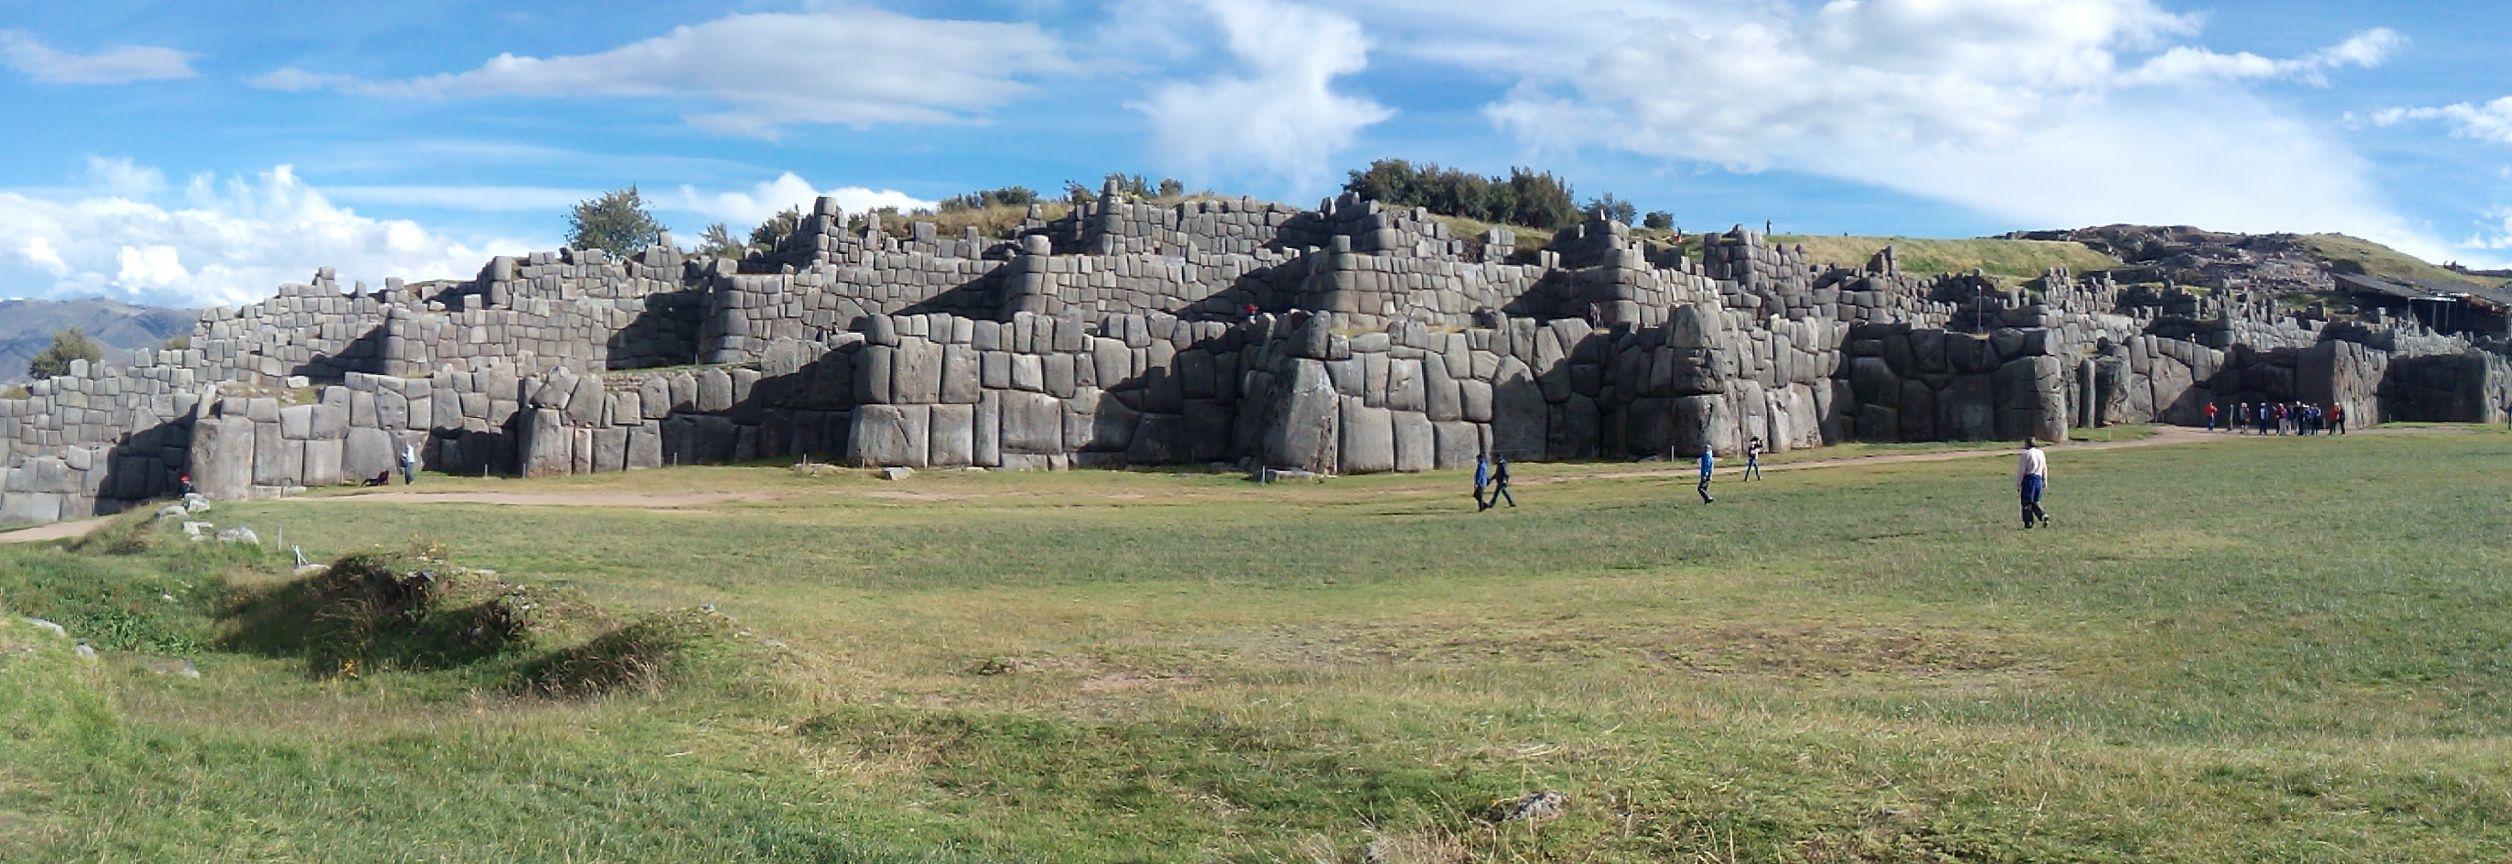 """Sacsayhuamán (en quechua Saqsaywaman, de saqsay, lugar de saciarse, y waman, halcón, es decir, """"Lugar donde se sacia el halcón"""") es una """"fortaleza ceremonial"""" inca ubicada dos kilómetros al norte de la ciudad del Cuzco. Se comenzó a construir durante el gobierno de Pachacútec, en el siglo XV; sin embargo, fue Huayna Cápac quien le dio el toque final en el siglo XVI."""